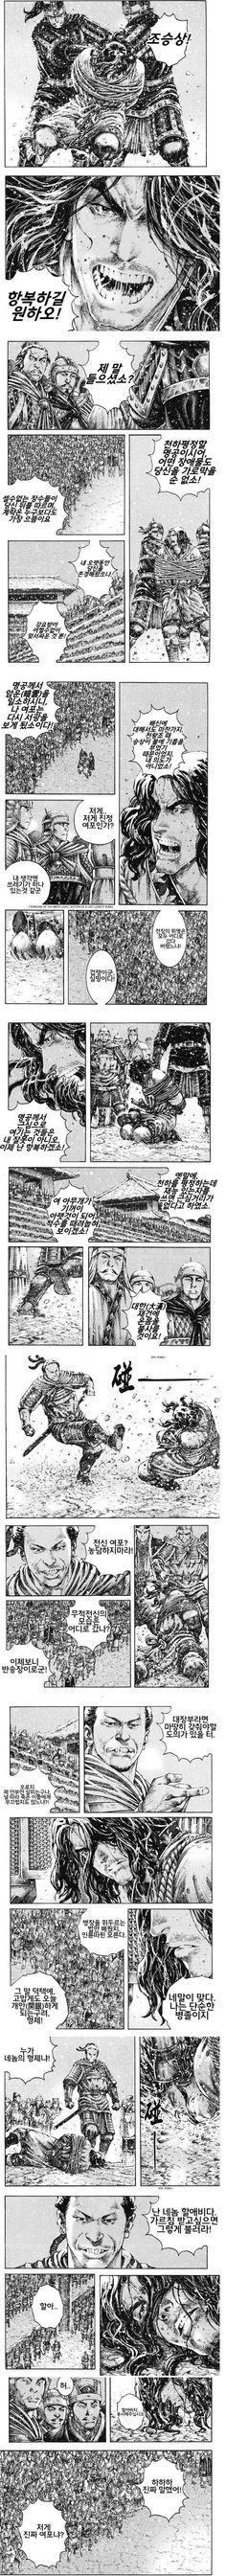 Anime Naruto, Anime Characters, Animation, Paint, Cartoon, Manga, Picture Wall, Manga Anime, Manga Comics